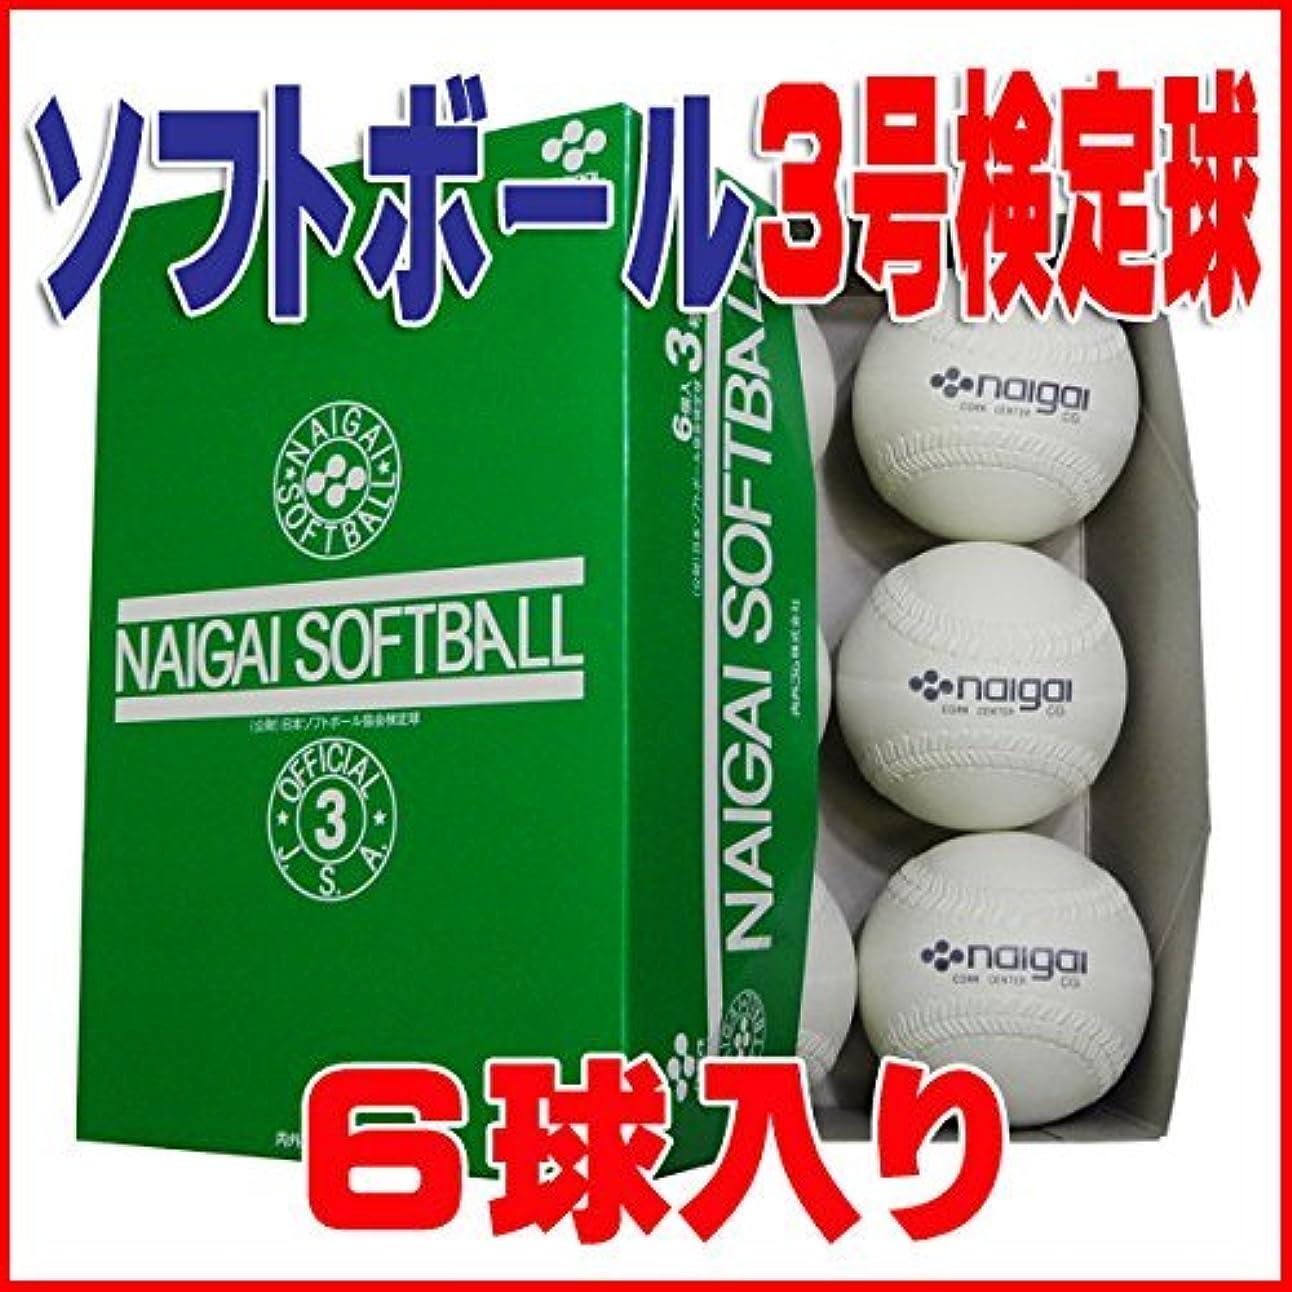 仲良し難民立ち寄るナイガイ ソフトボール 検定球 試合球 公認球 3号 中学生以上 一般用 6個 内外 NAIGAI